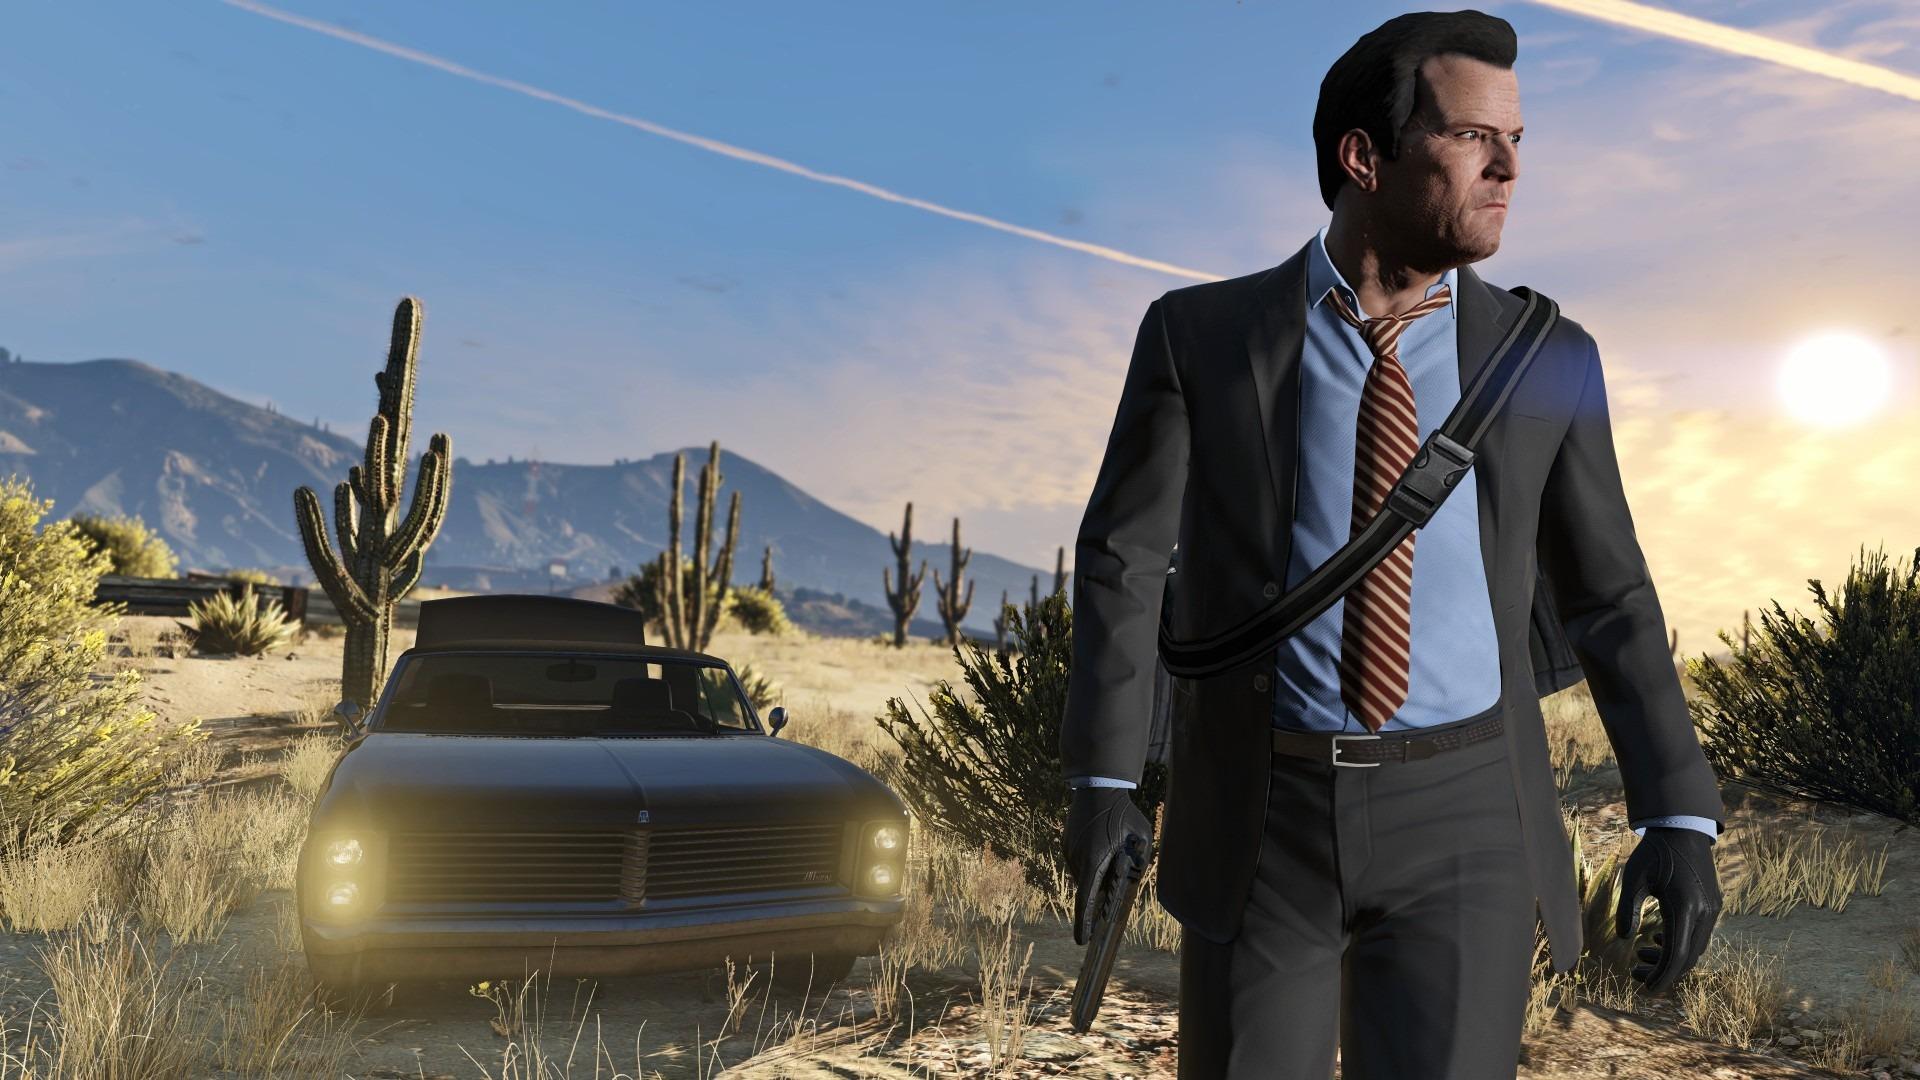 R星《侠盗猎车5》是英国十年来最畅销的游戏